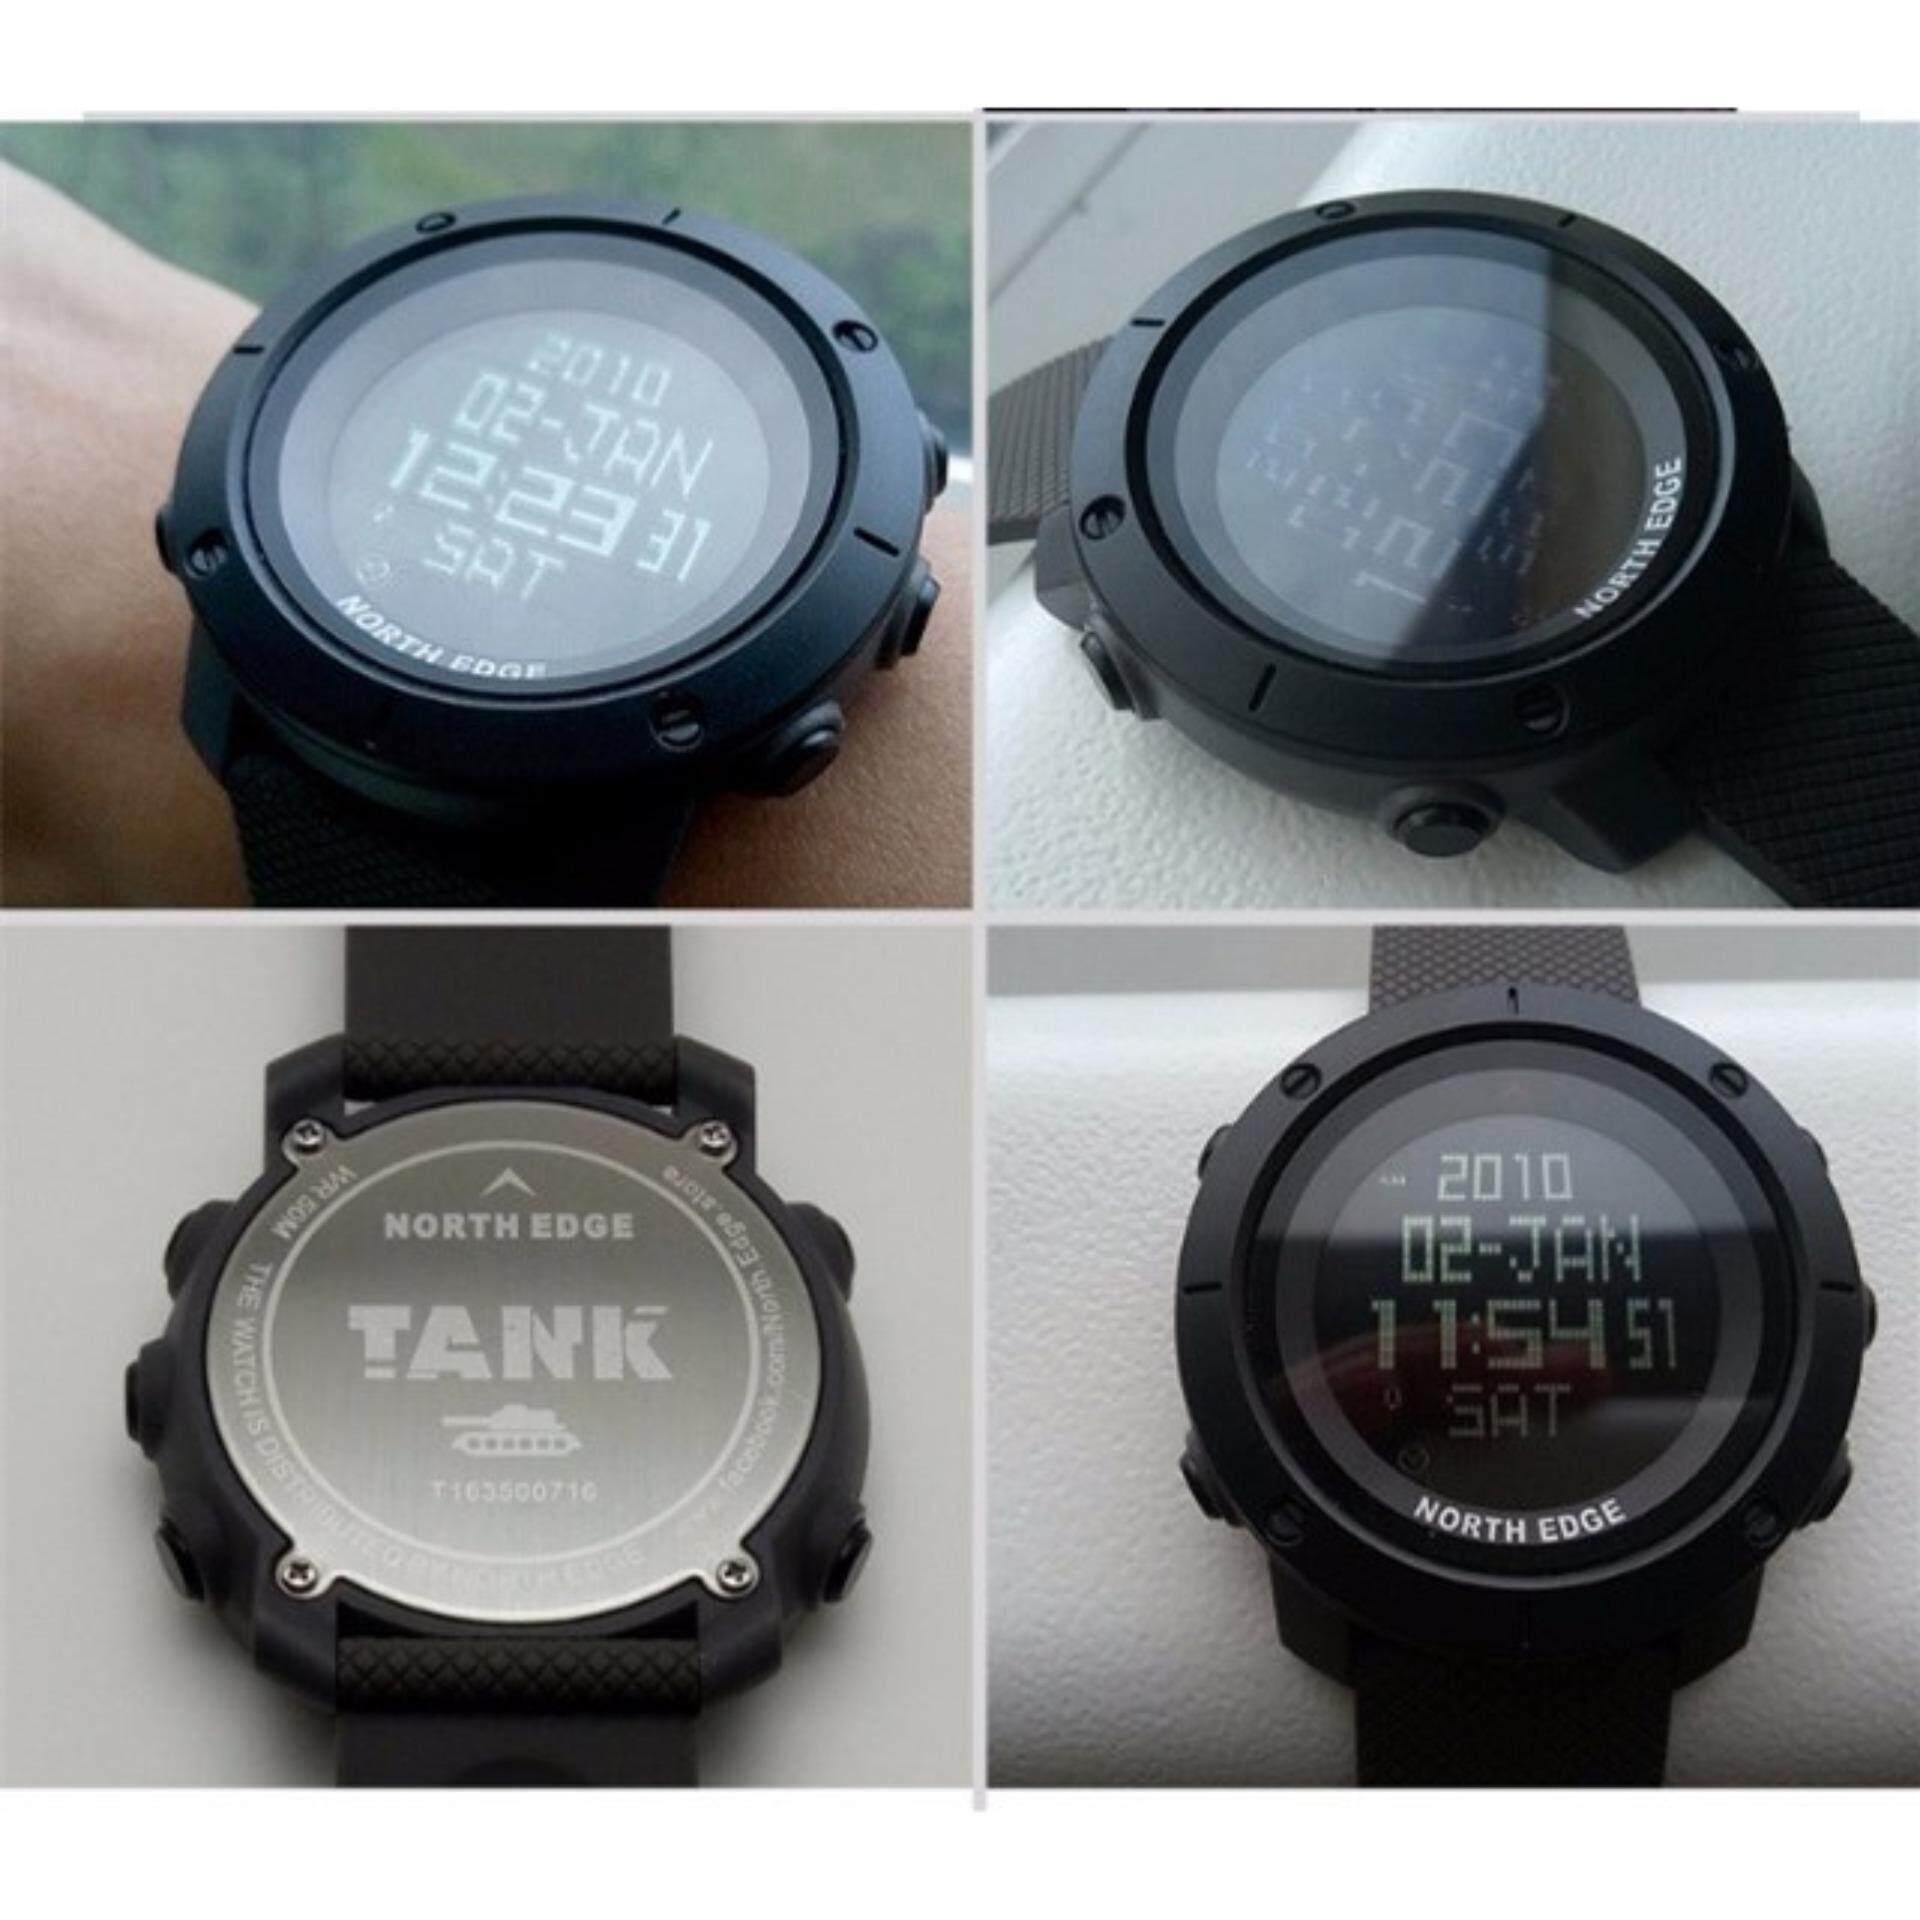 North Edge Gps Olahraga Lari Tepi Utara Jam Digital Pria Dan Wanita Spovan Gl006 Tangan Smartwatch Heartrate Black Buy Sell Cheapest Best Quality Product Deals Source Tangki